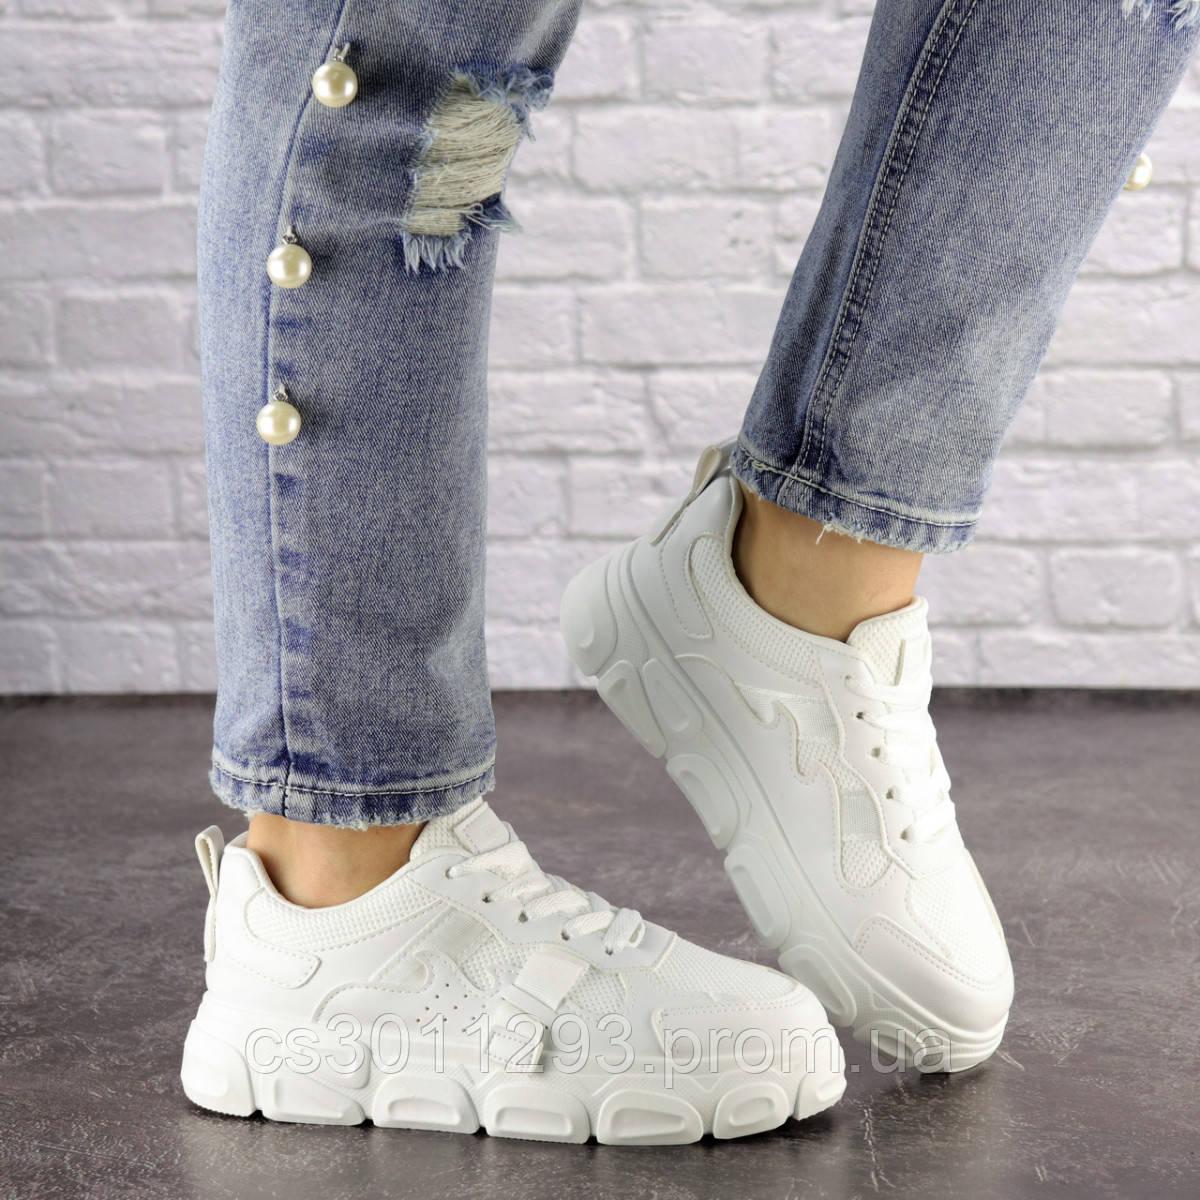 Женские кроссовки Fashion Ollie 1543 36 размер 22,5 см Белый